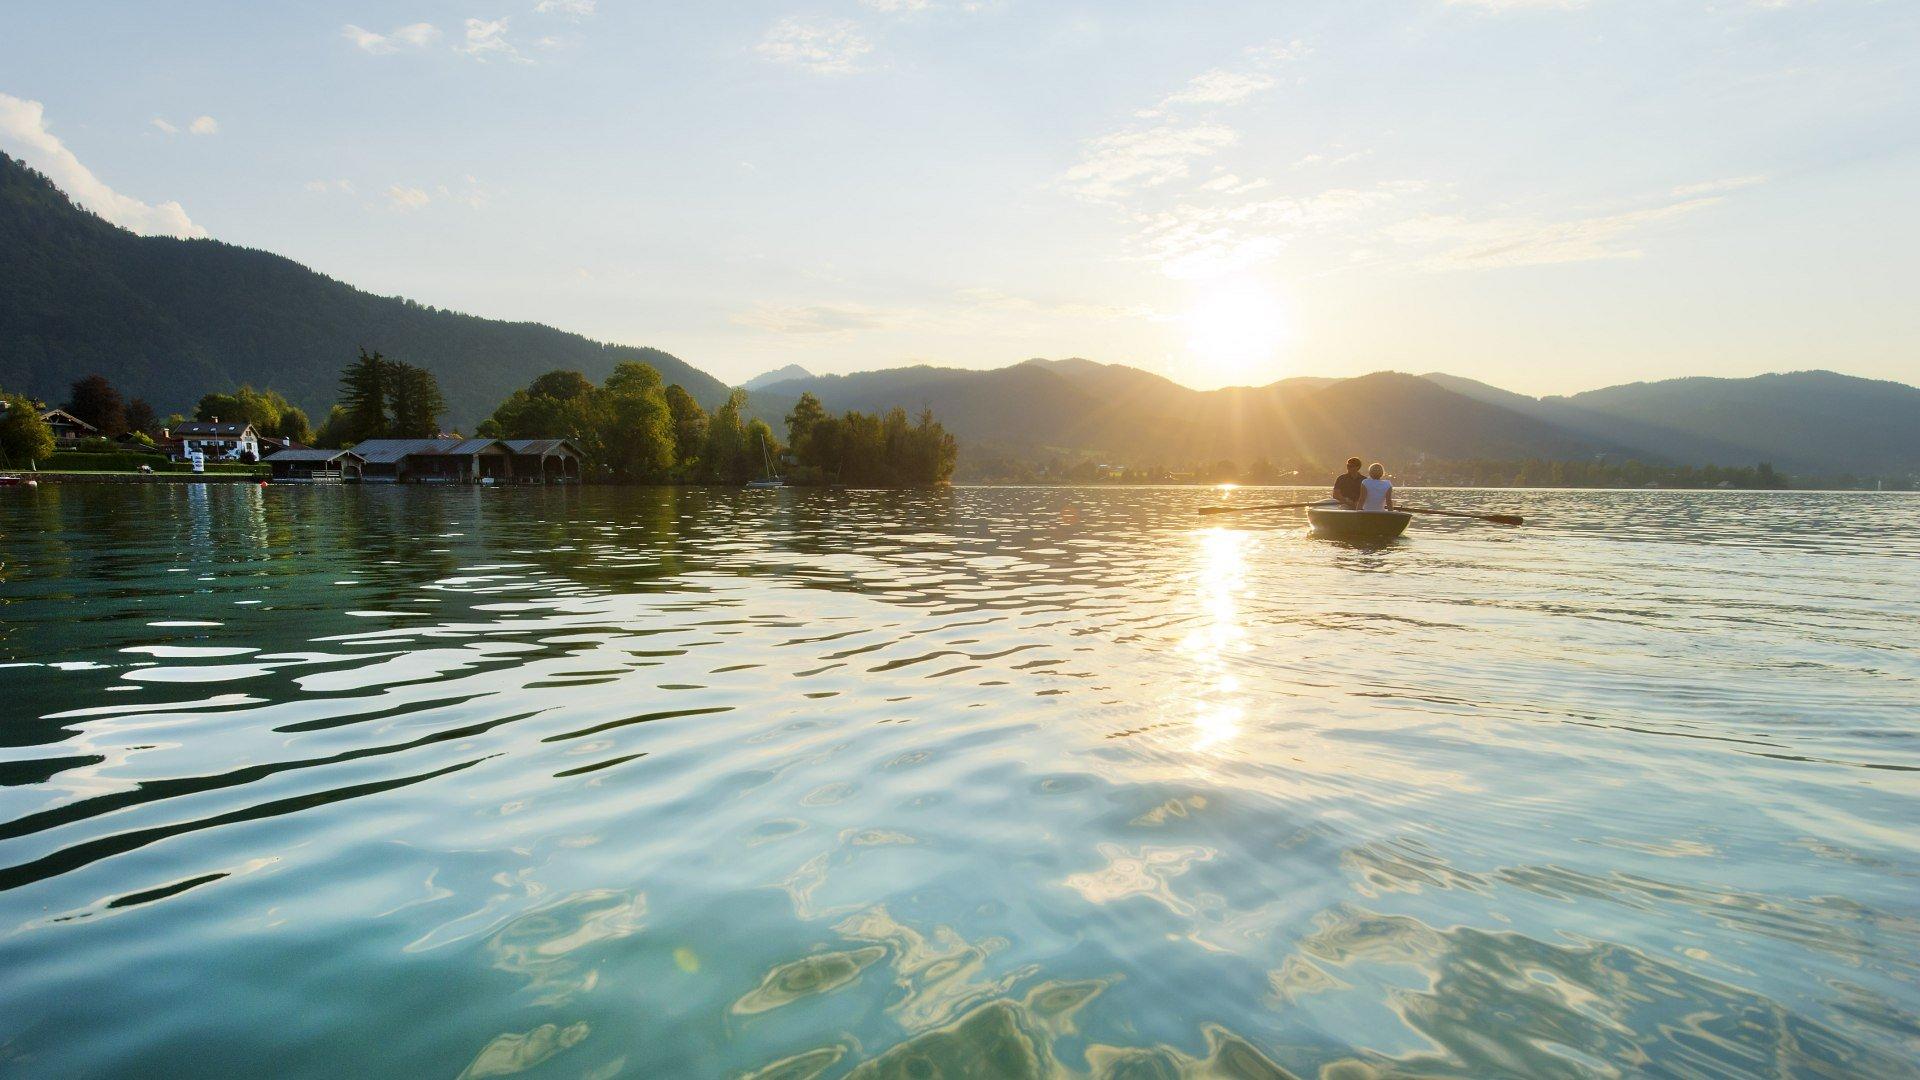 Entspannente Momente auf dem Tegernsee, © Thomas Linkel